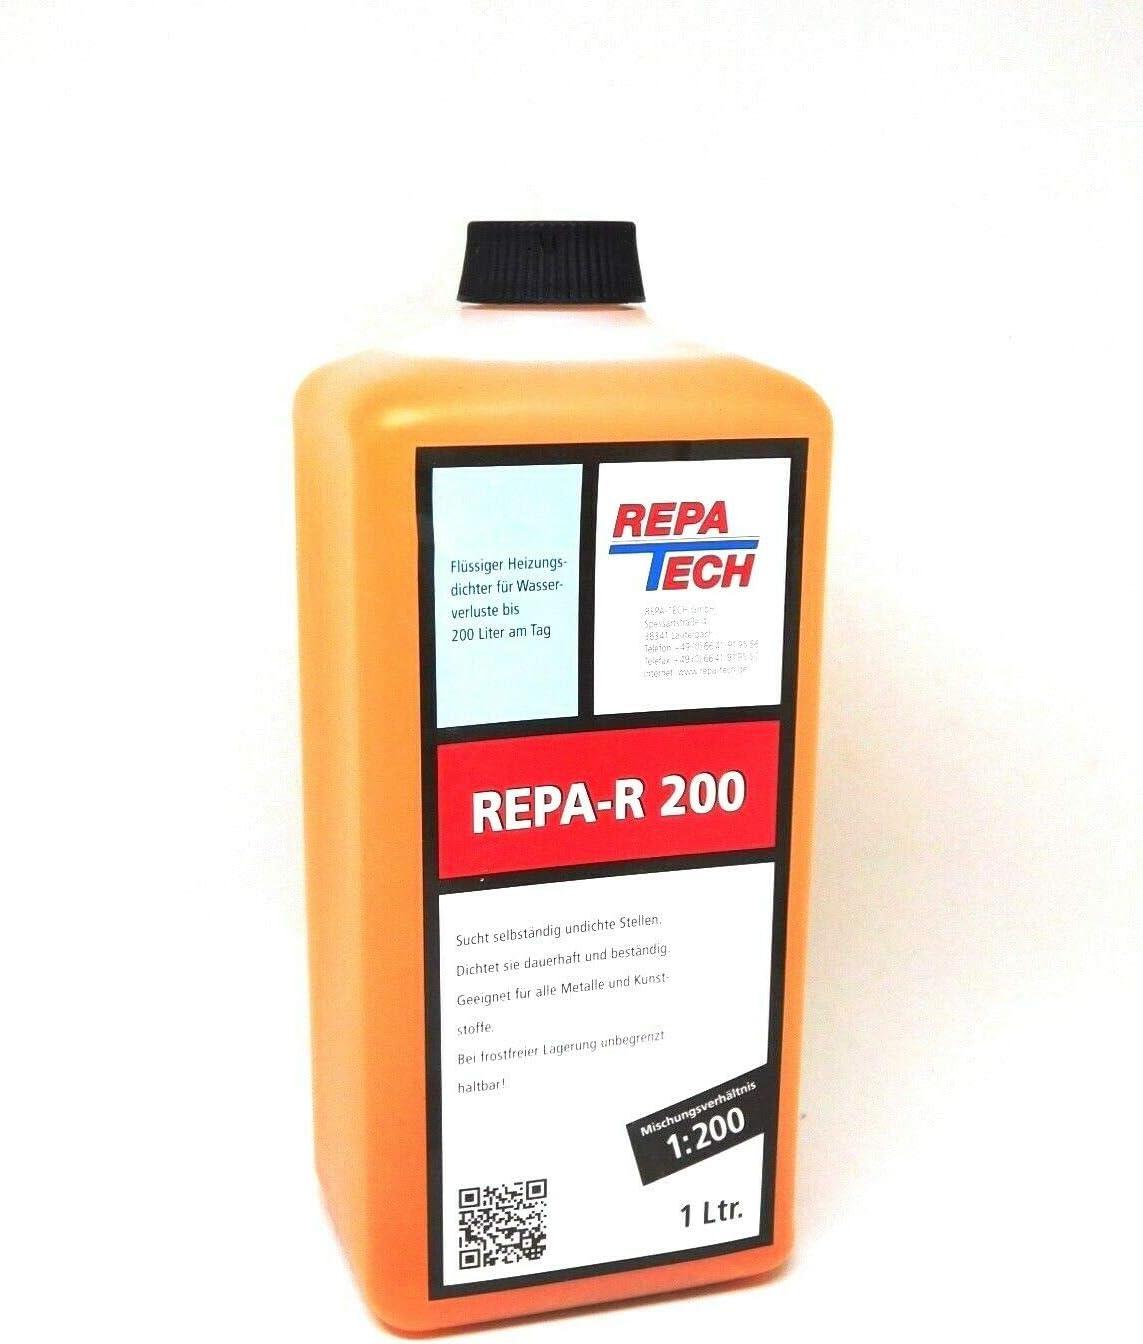 Repa Tech Dichtungsmittel f/ür Rohrleitungen Repa-R 200